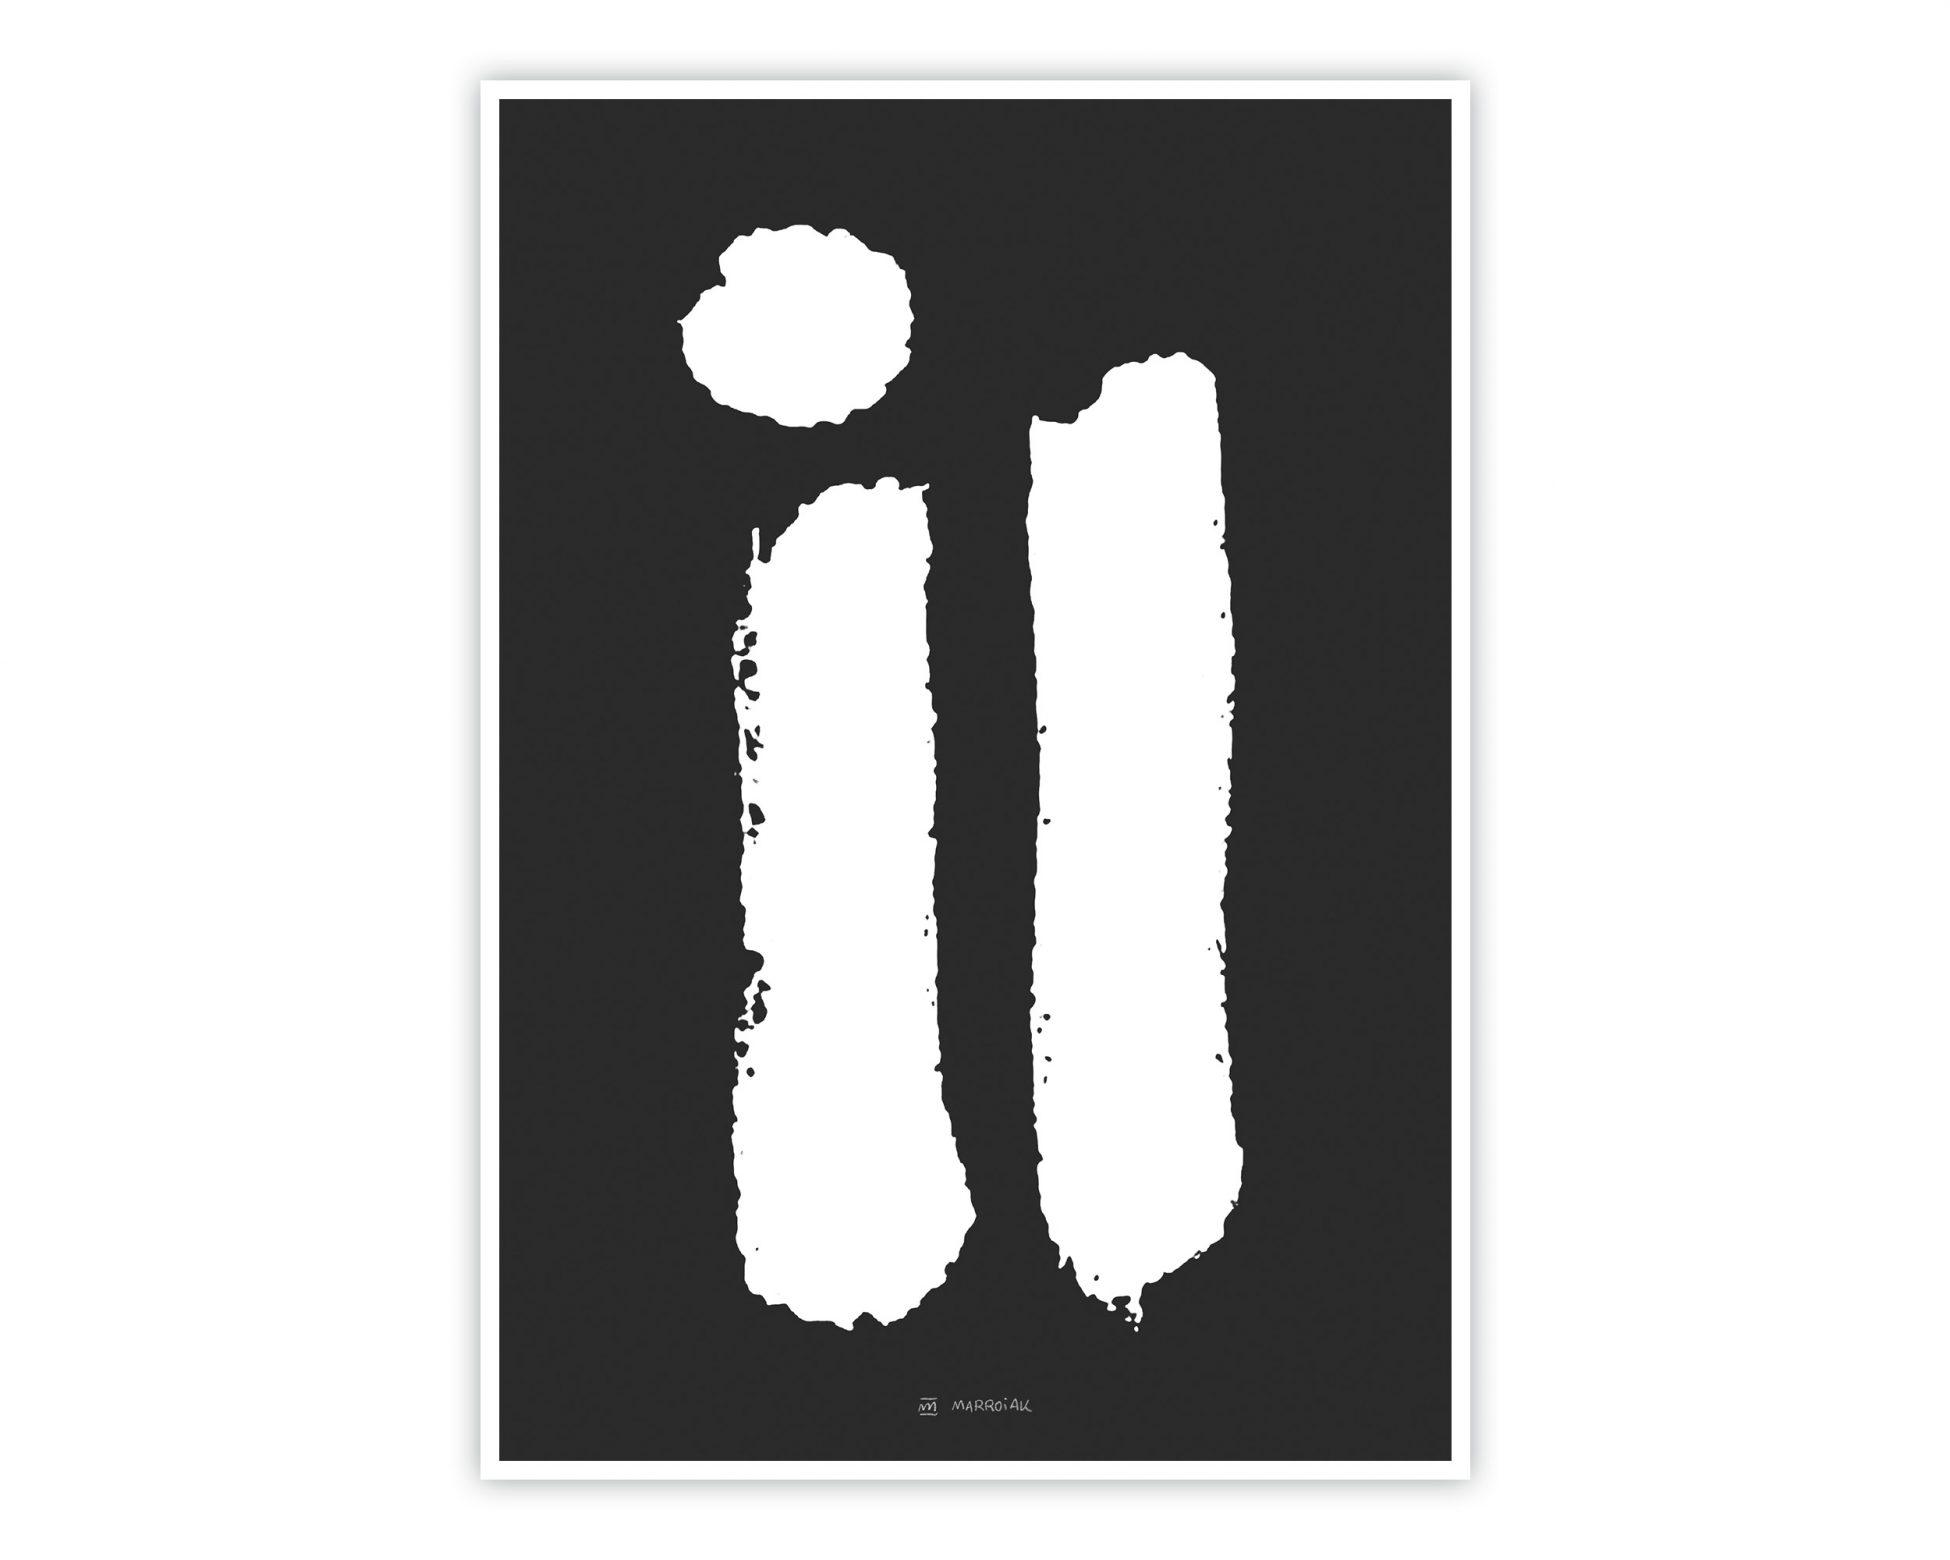 Ilustración abstracta decorativa para hogar. Cuadro en blanco y negro